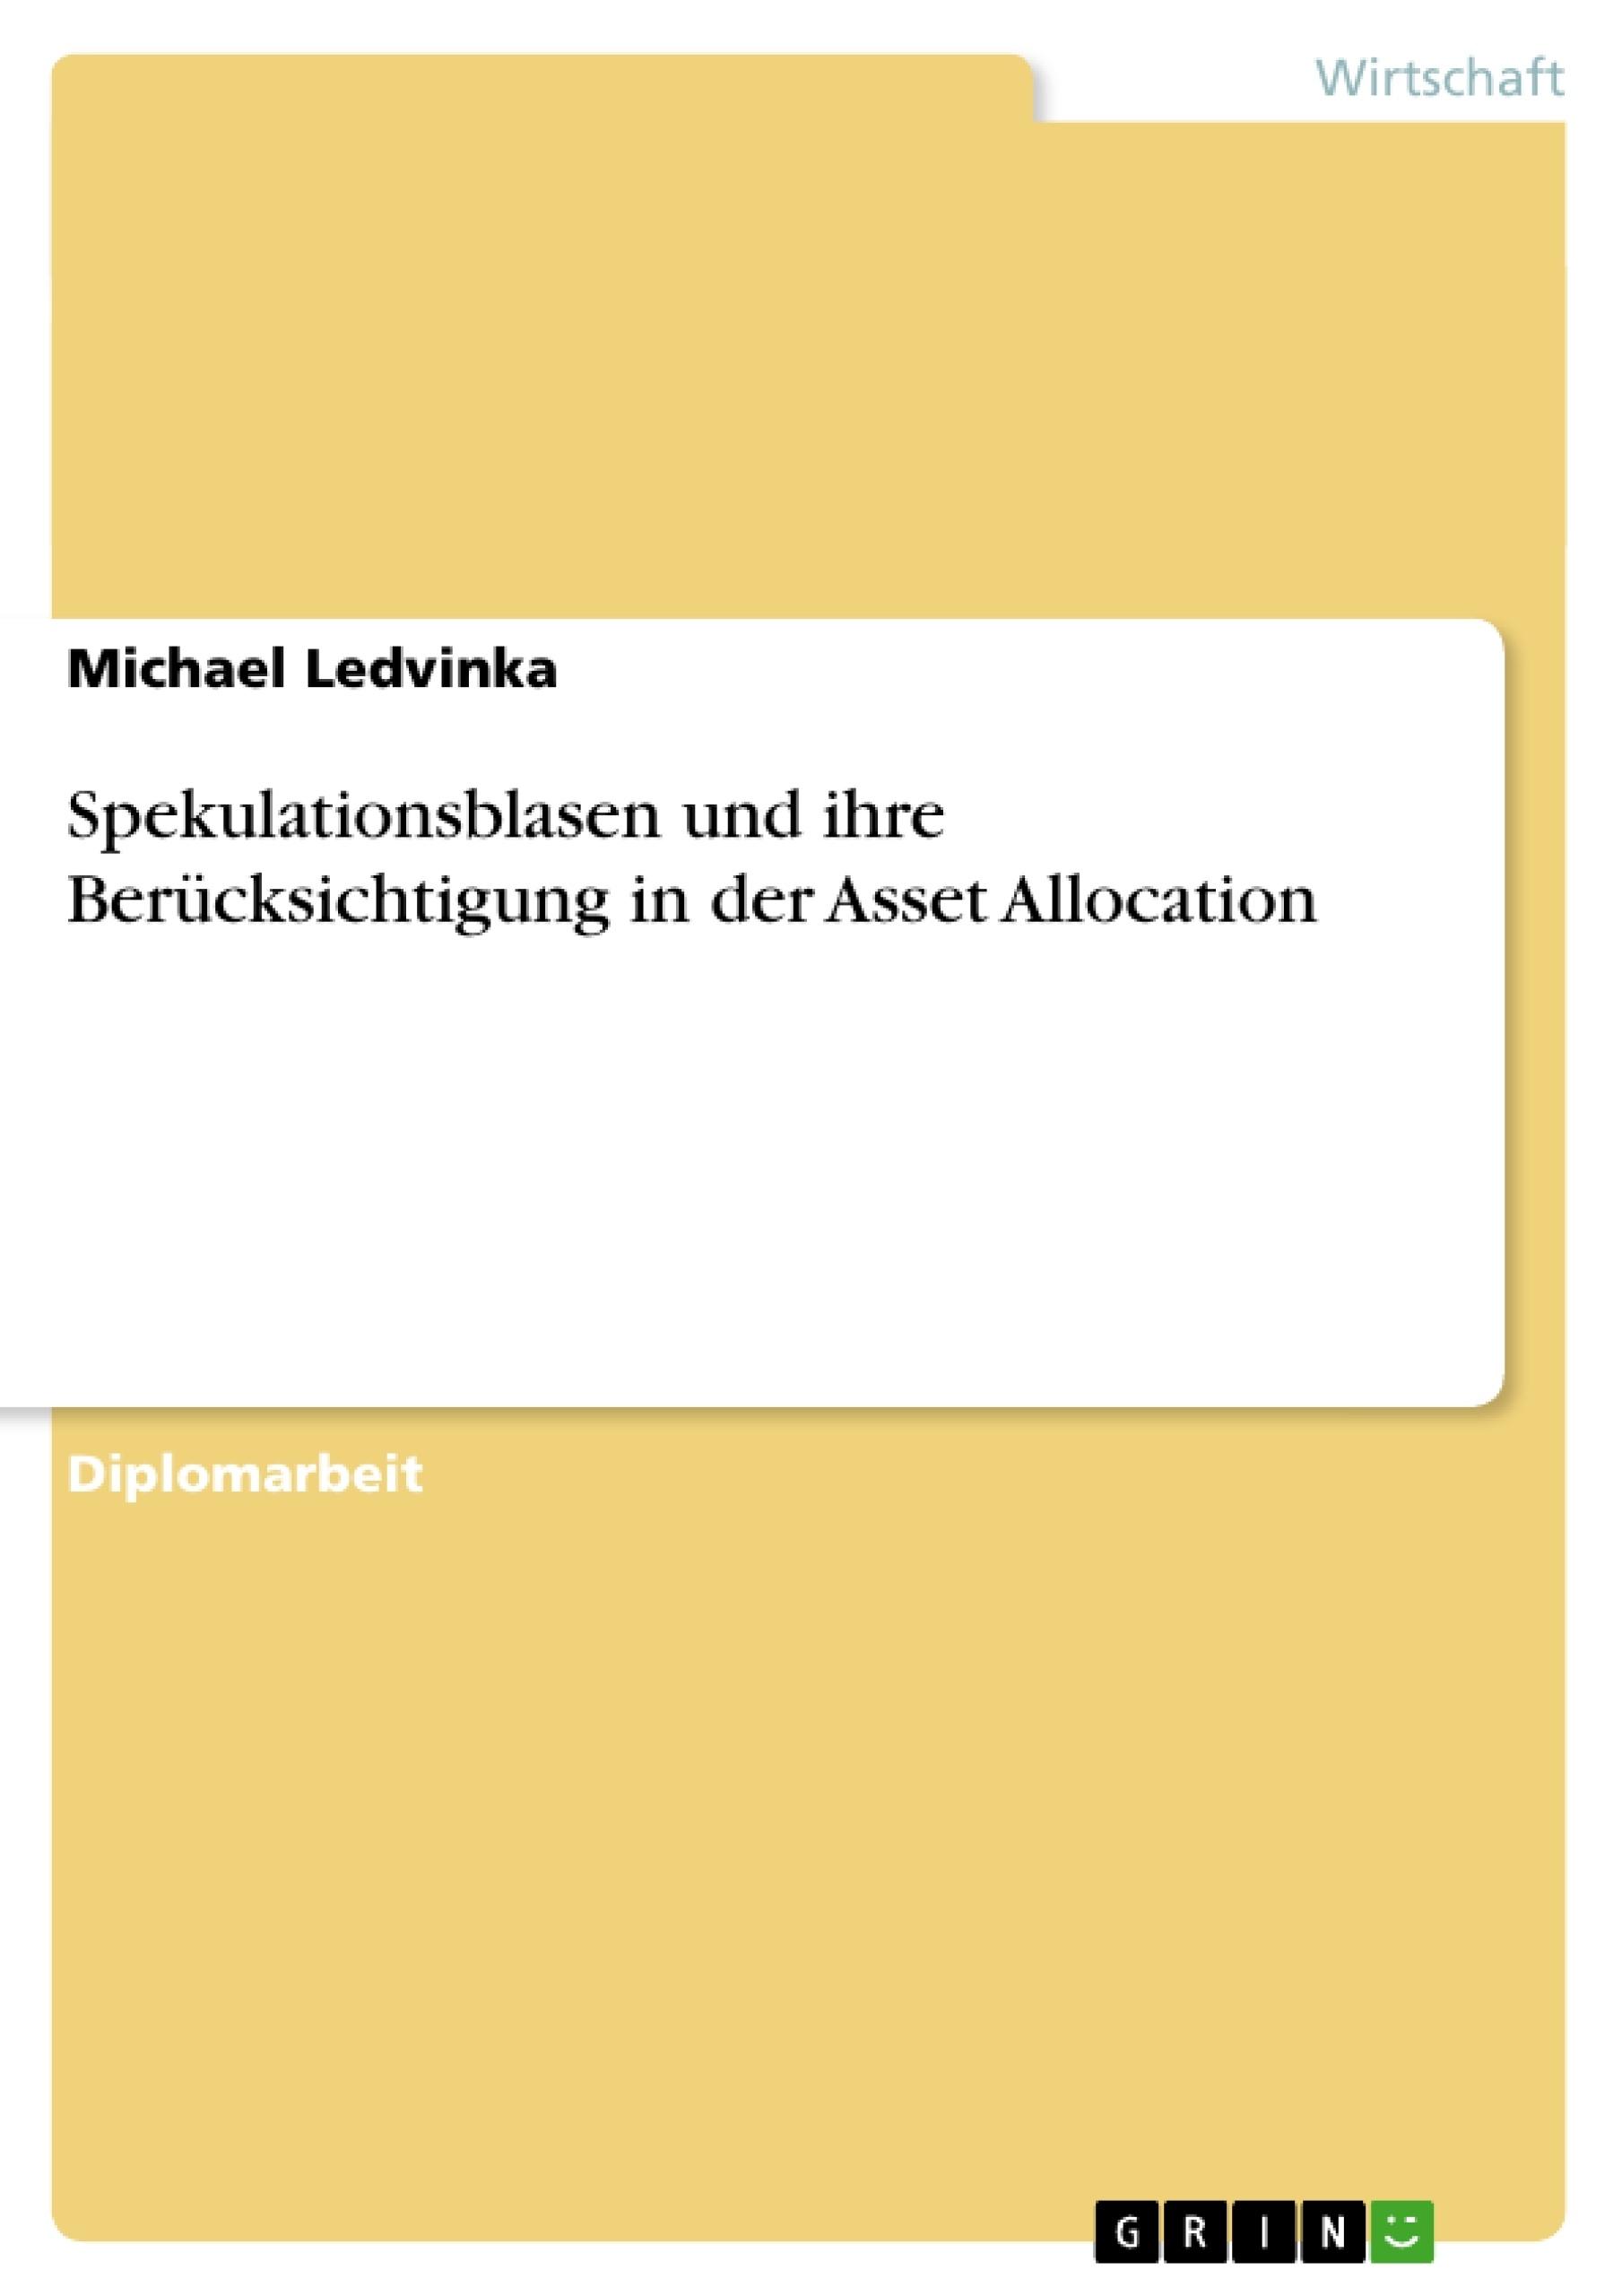 Titel: Spekulationsblasen und ihre Berücksichtigung in der Asset Allocation